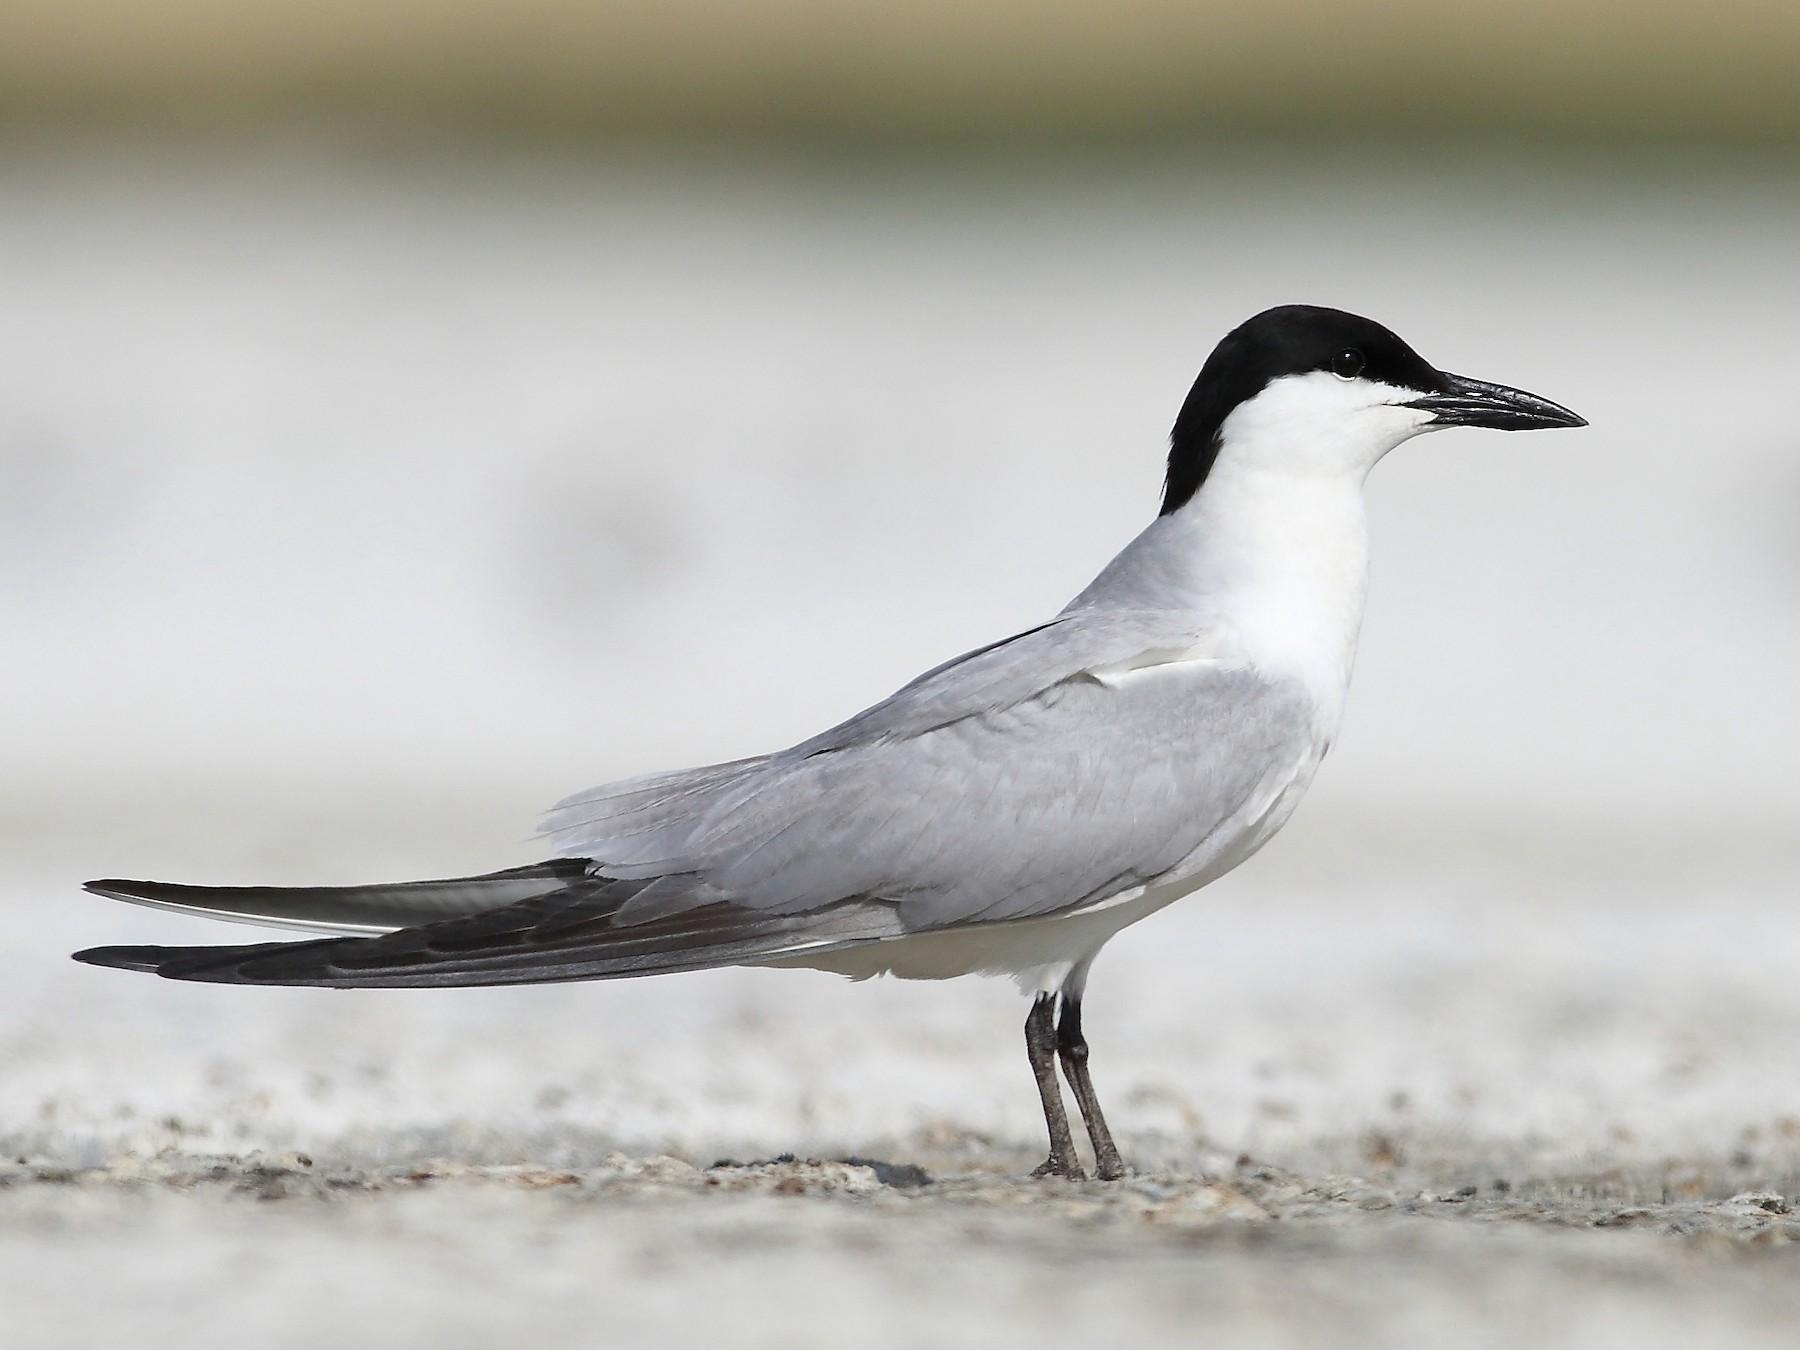 Gull-billed Tern - Carlos Bocos